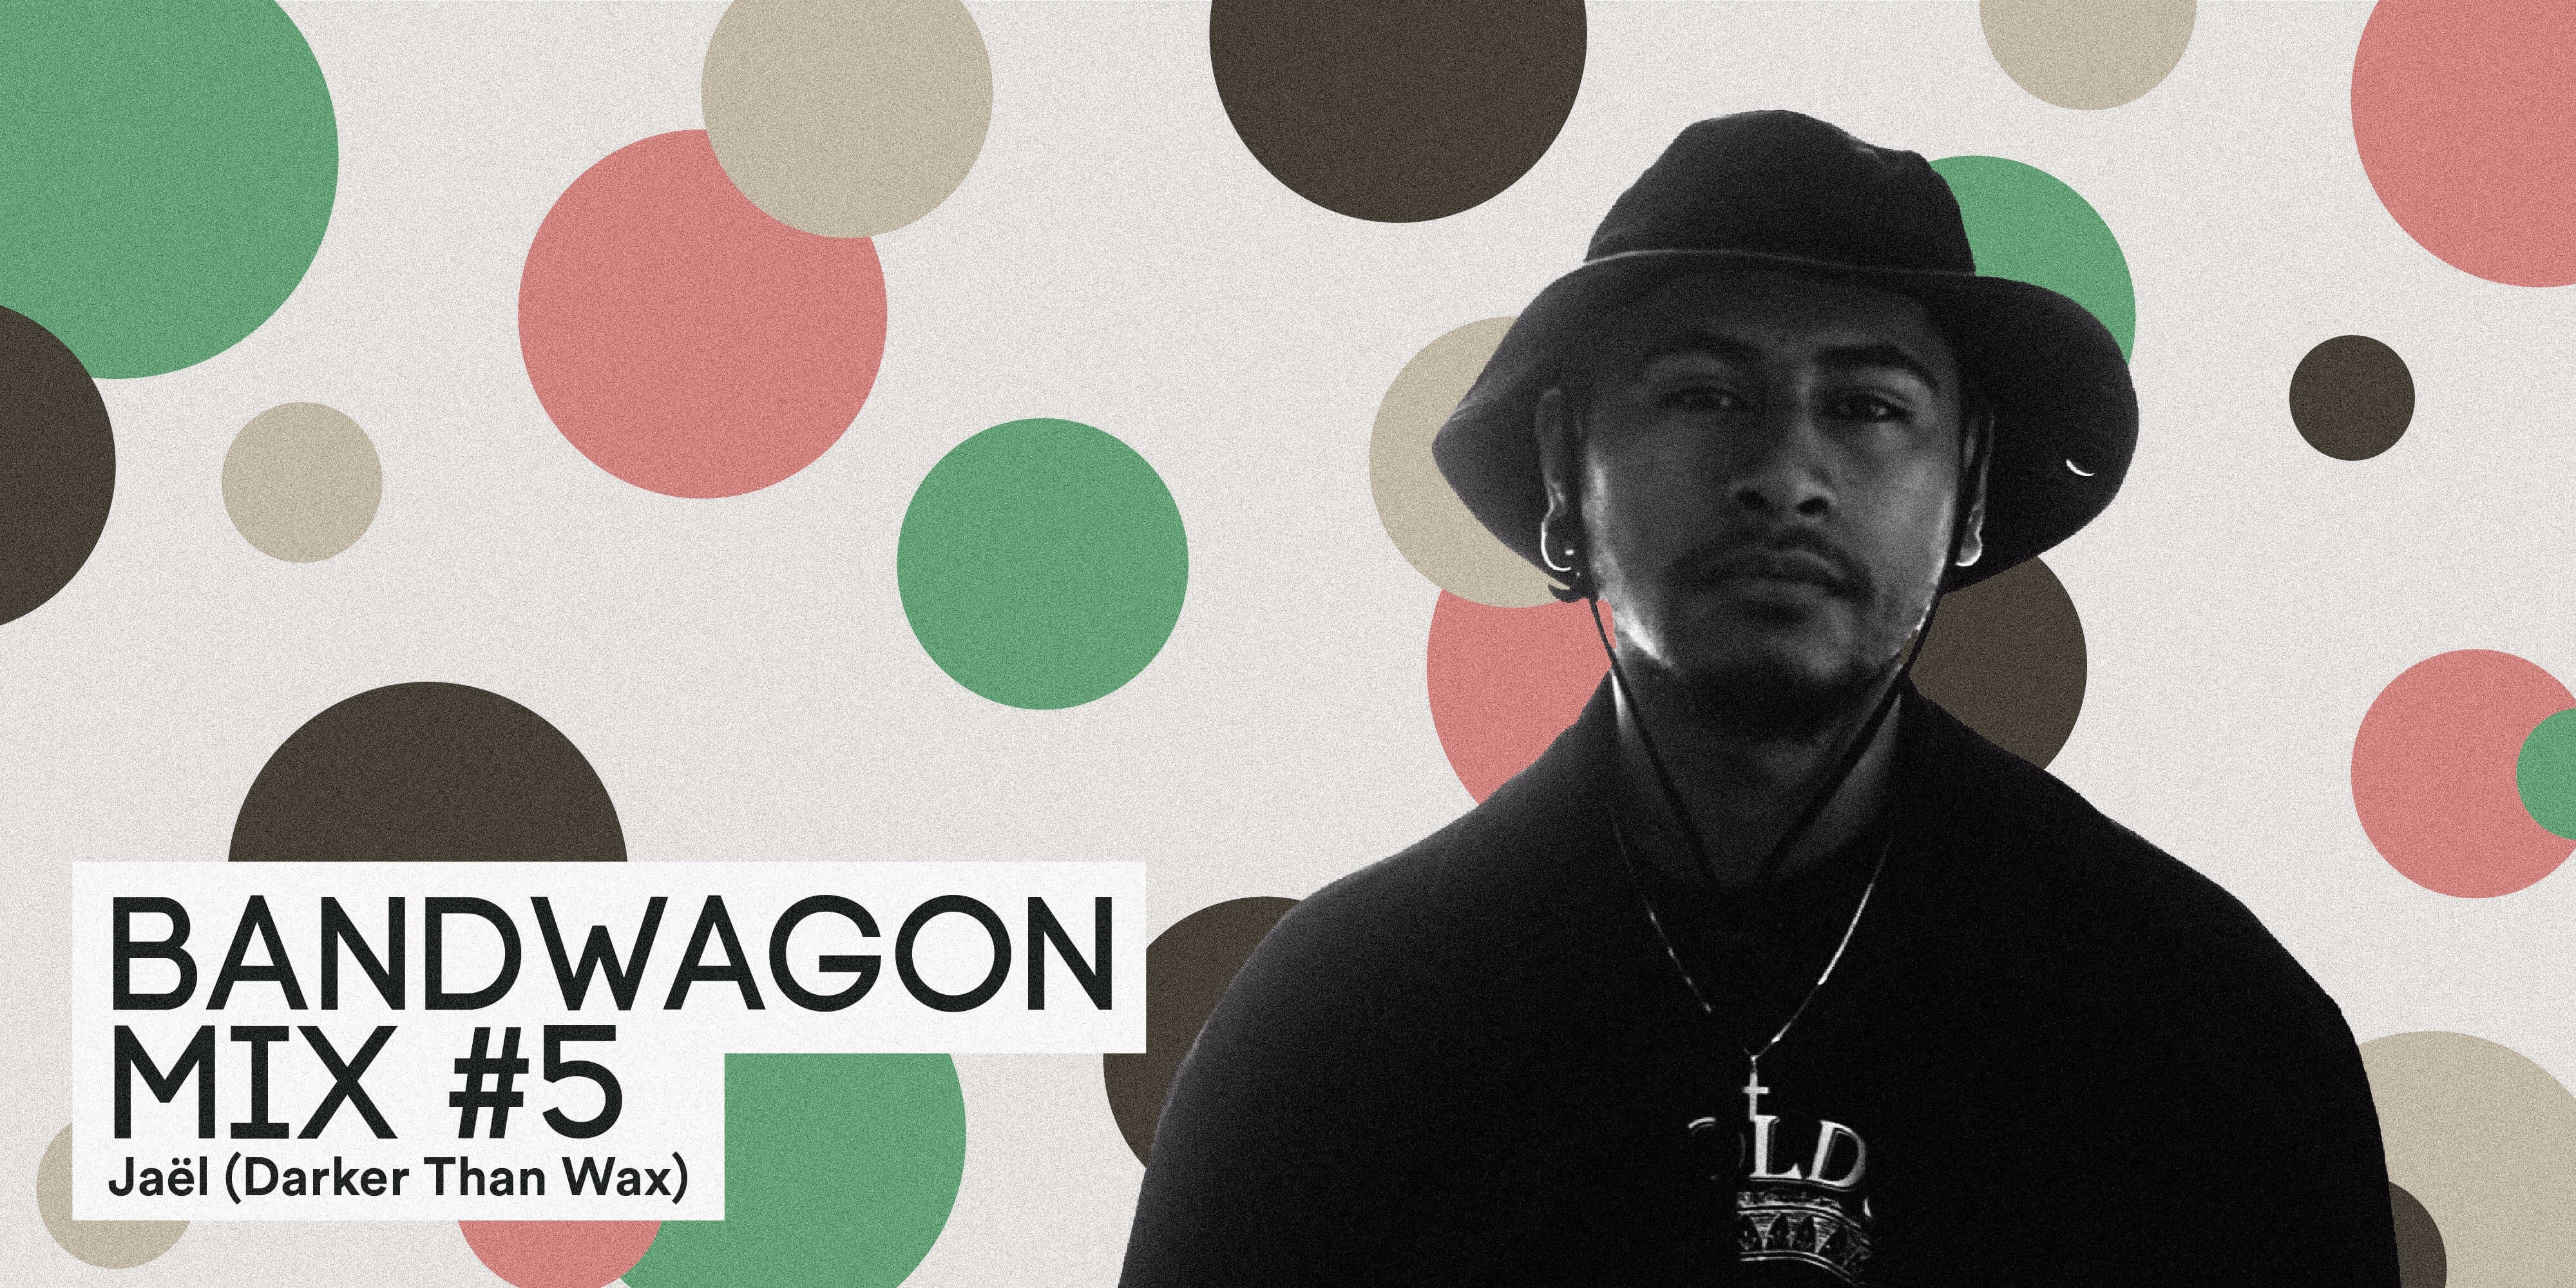 Bandwagon Mix #5: Jaël (Darker Than Wax)